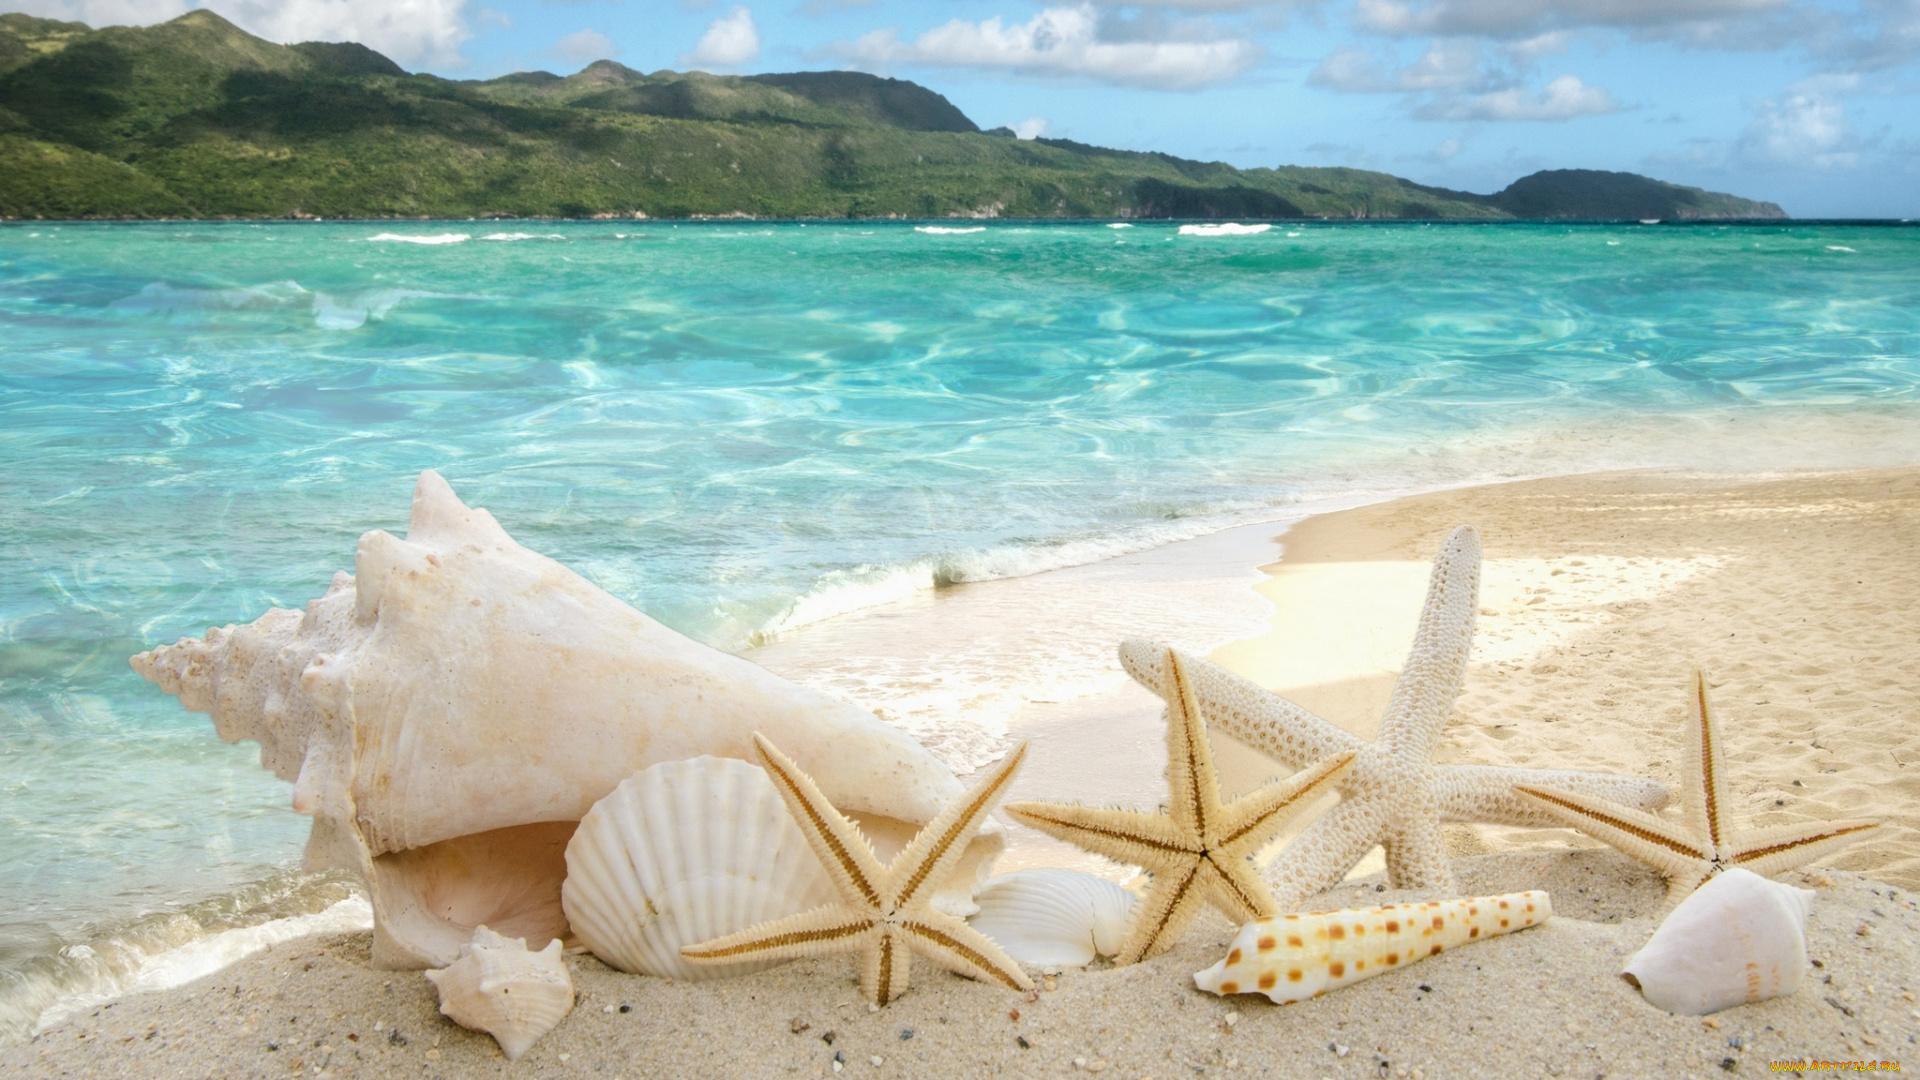 природа море пляж солнце  № 970602 загрузить